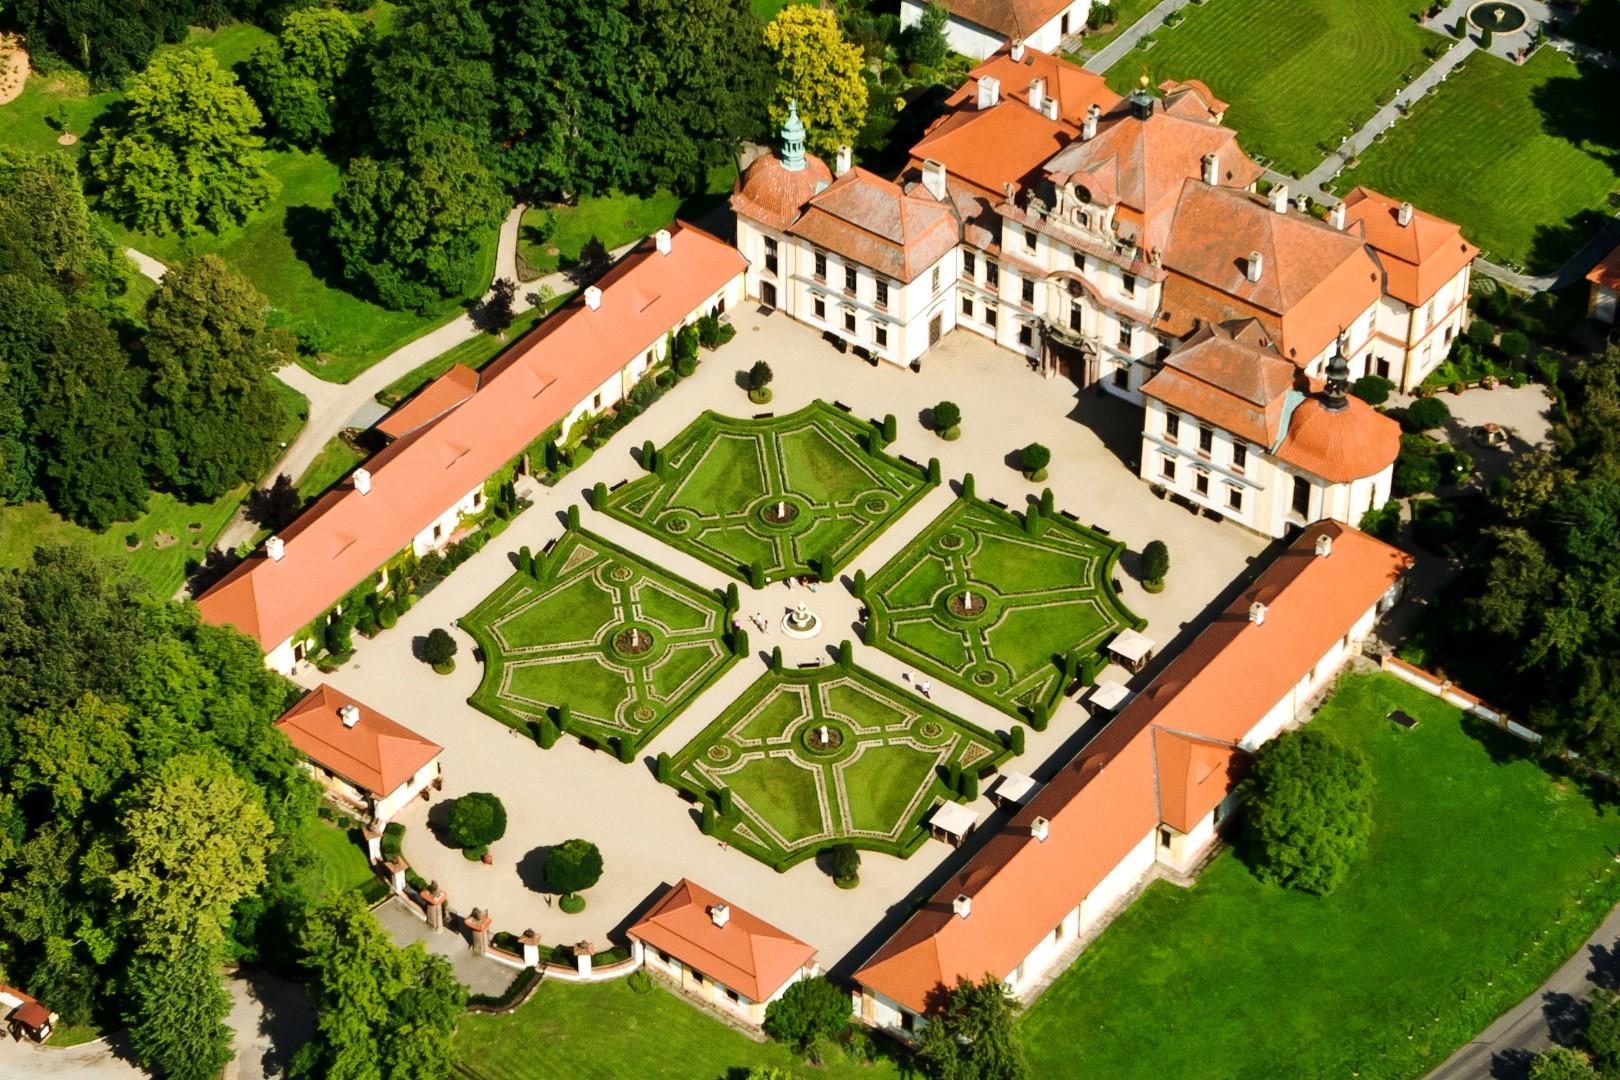 Notti al castello per soggiorni principeschi - Tgcom24